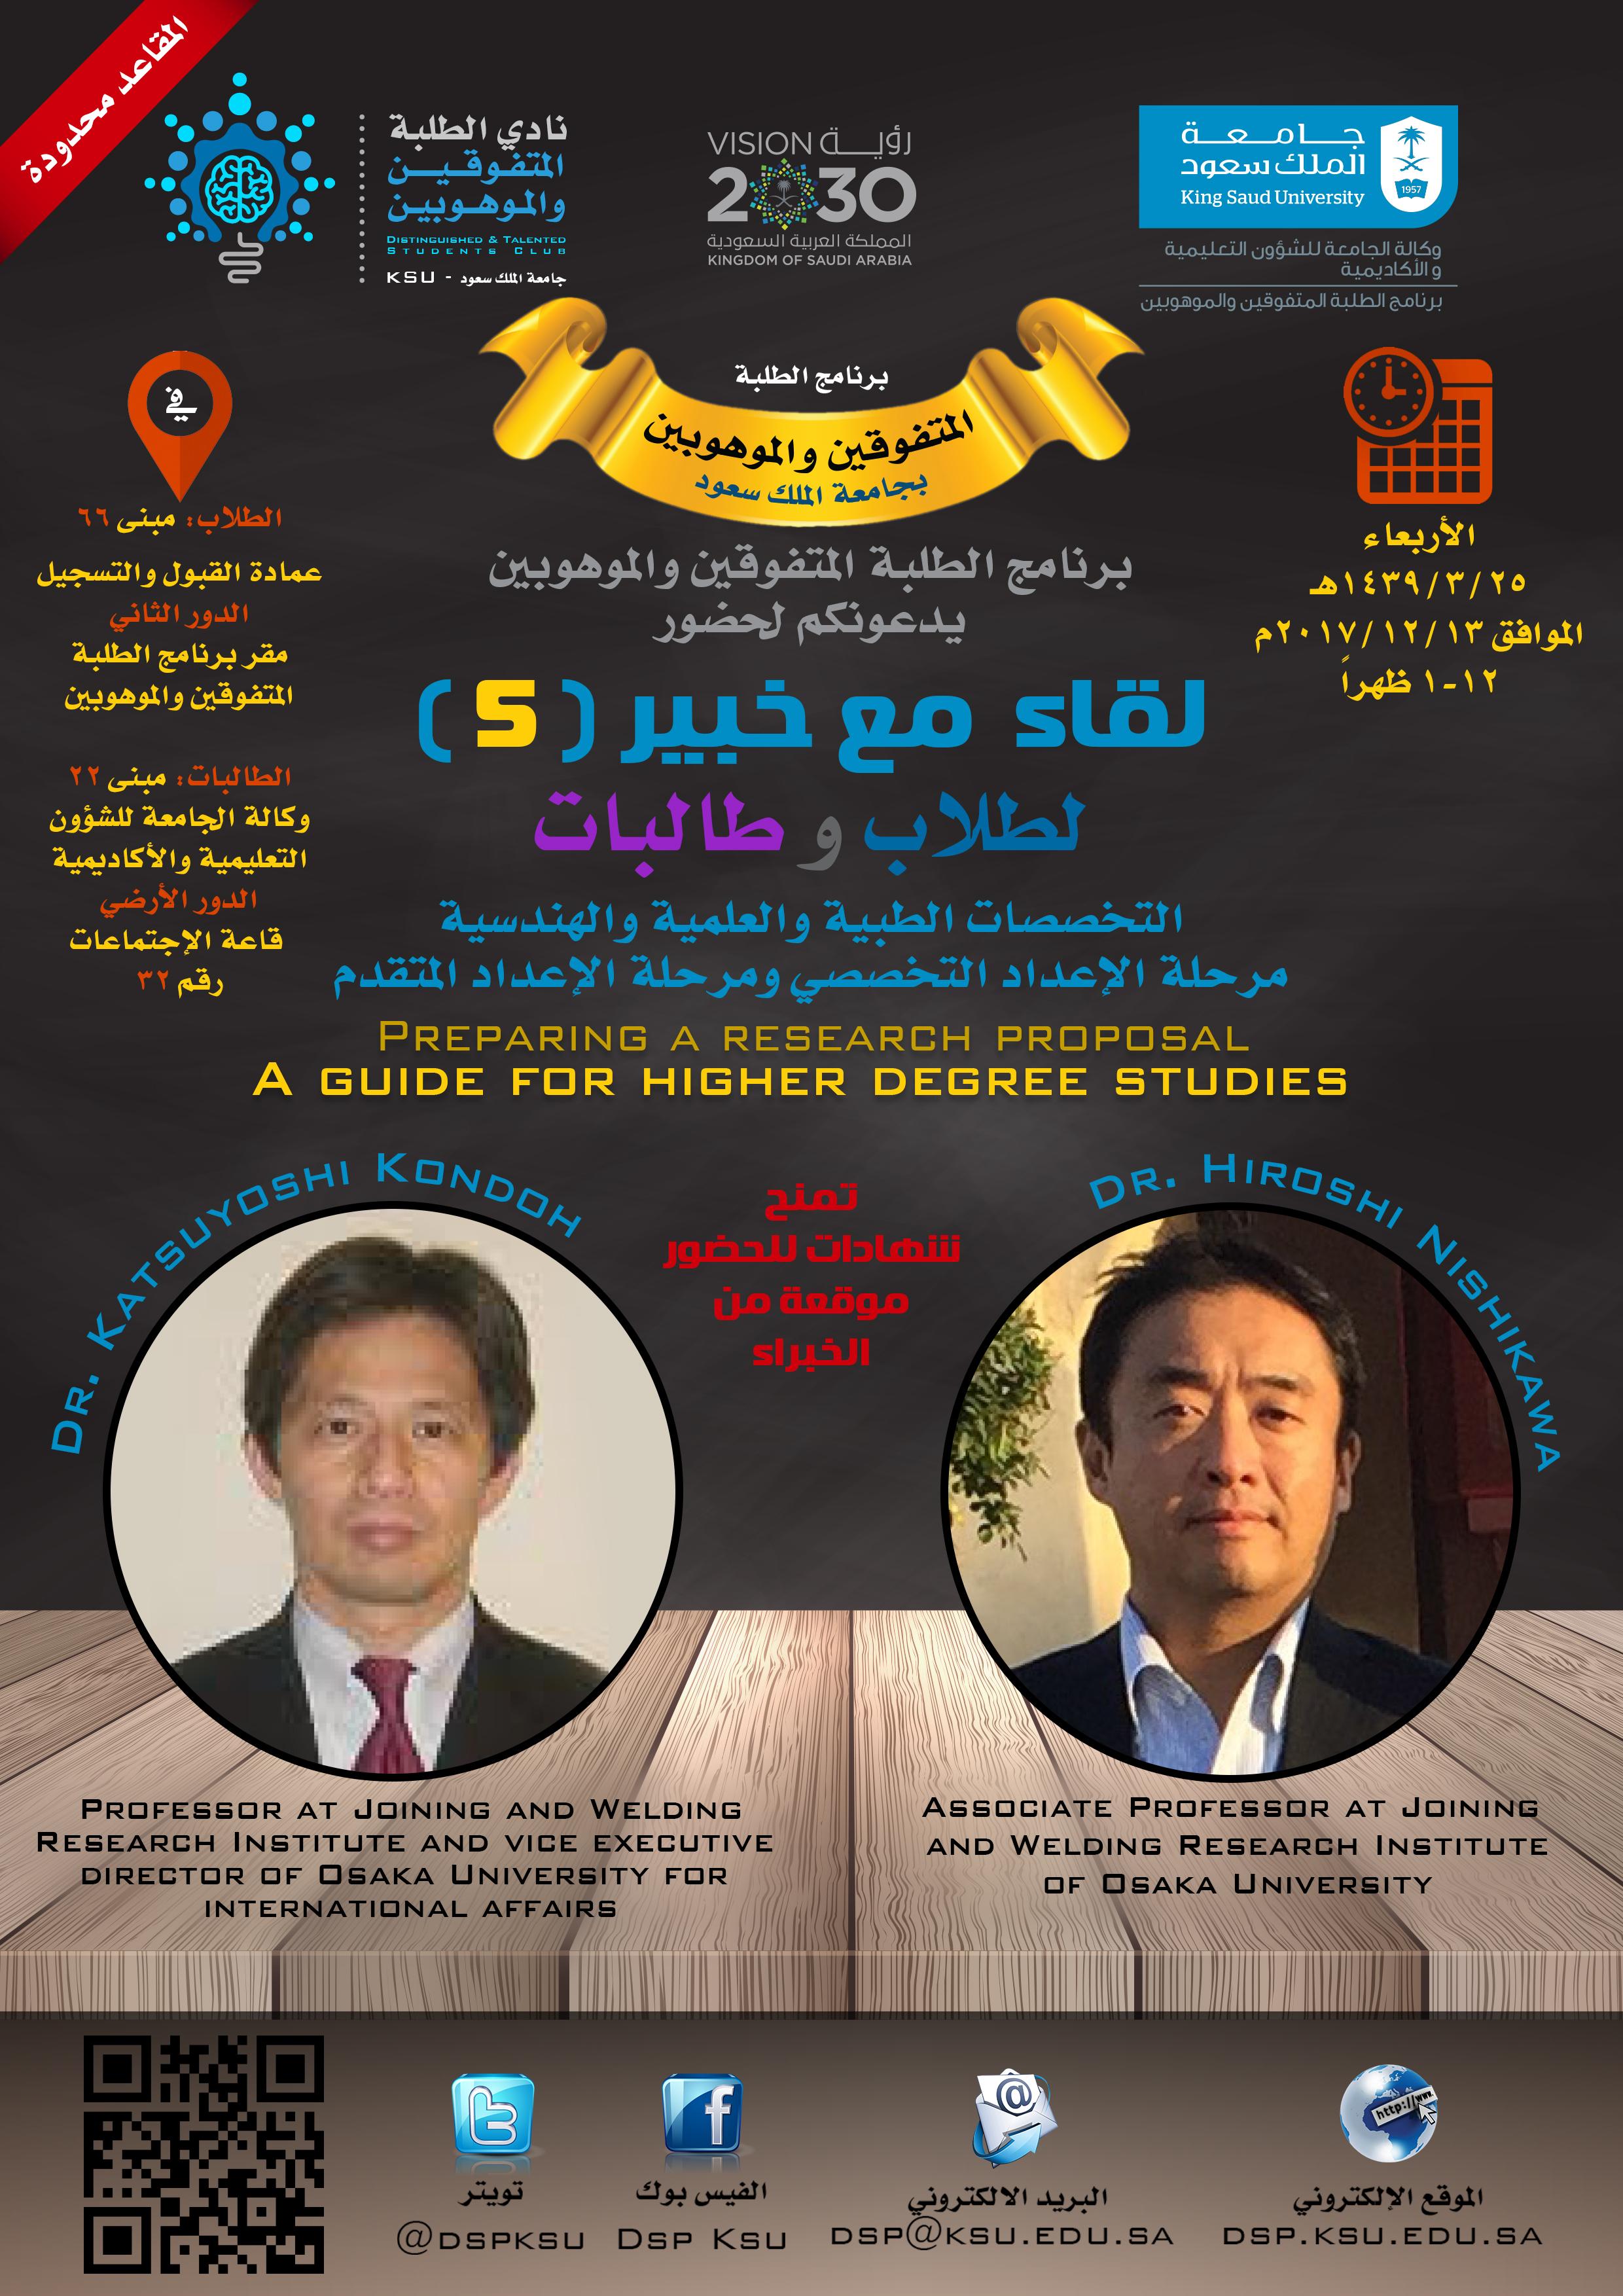 لقاء مع خبير (5) للطلاب والطالبات المتفوقون والمتفوقات من الكليات الصحية والعلمية